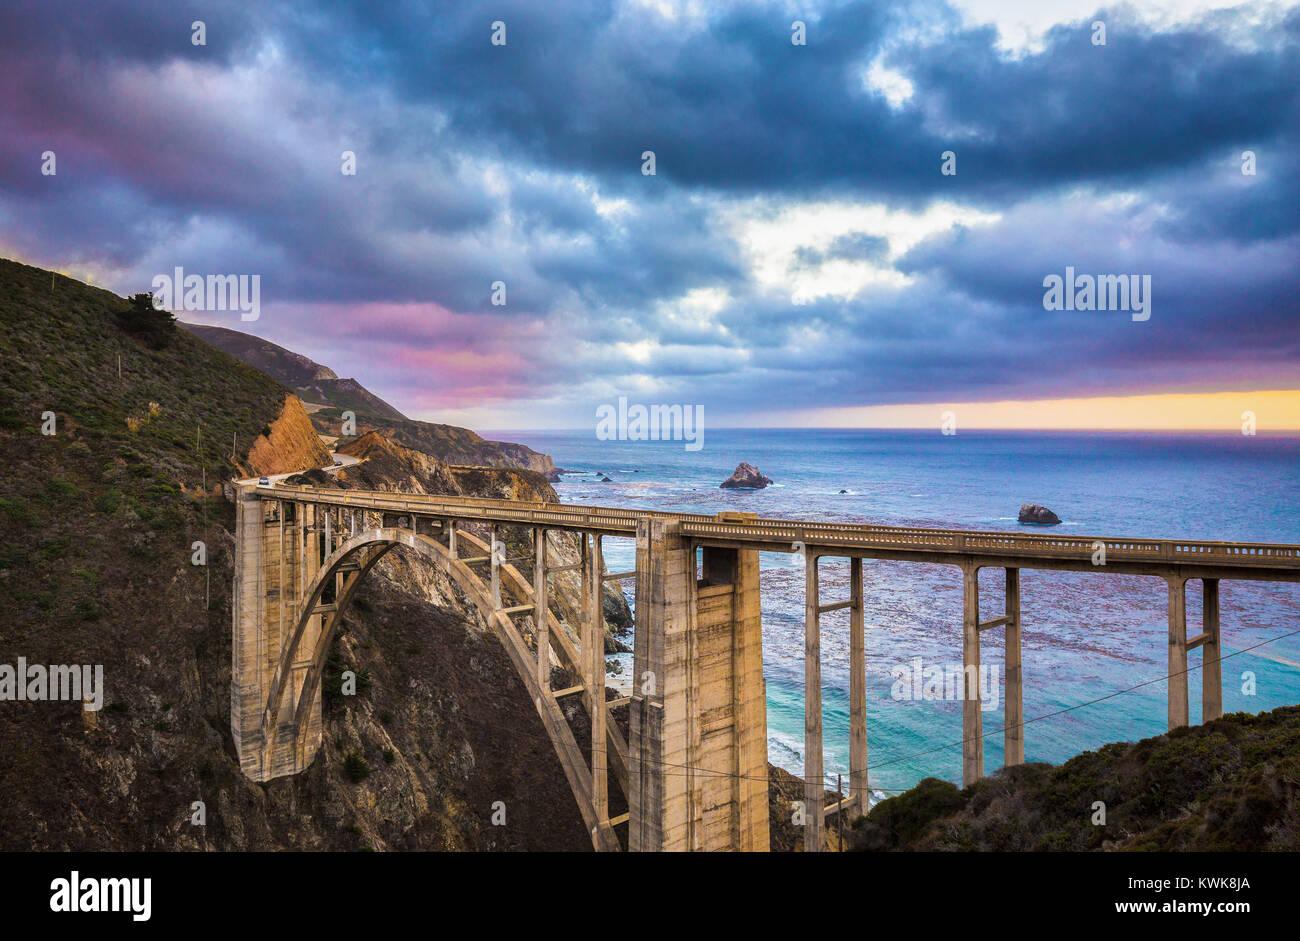 Vista panorámica del casco histórico de Bixby Creek mundialmente famoso puente a lo largo de la autopista Imagen De Stock